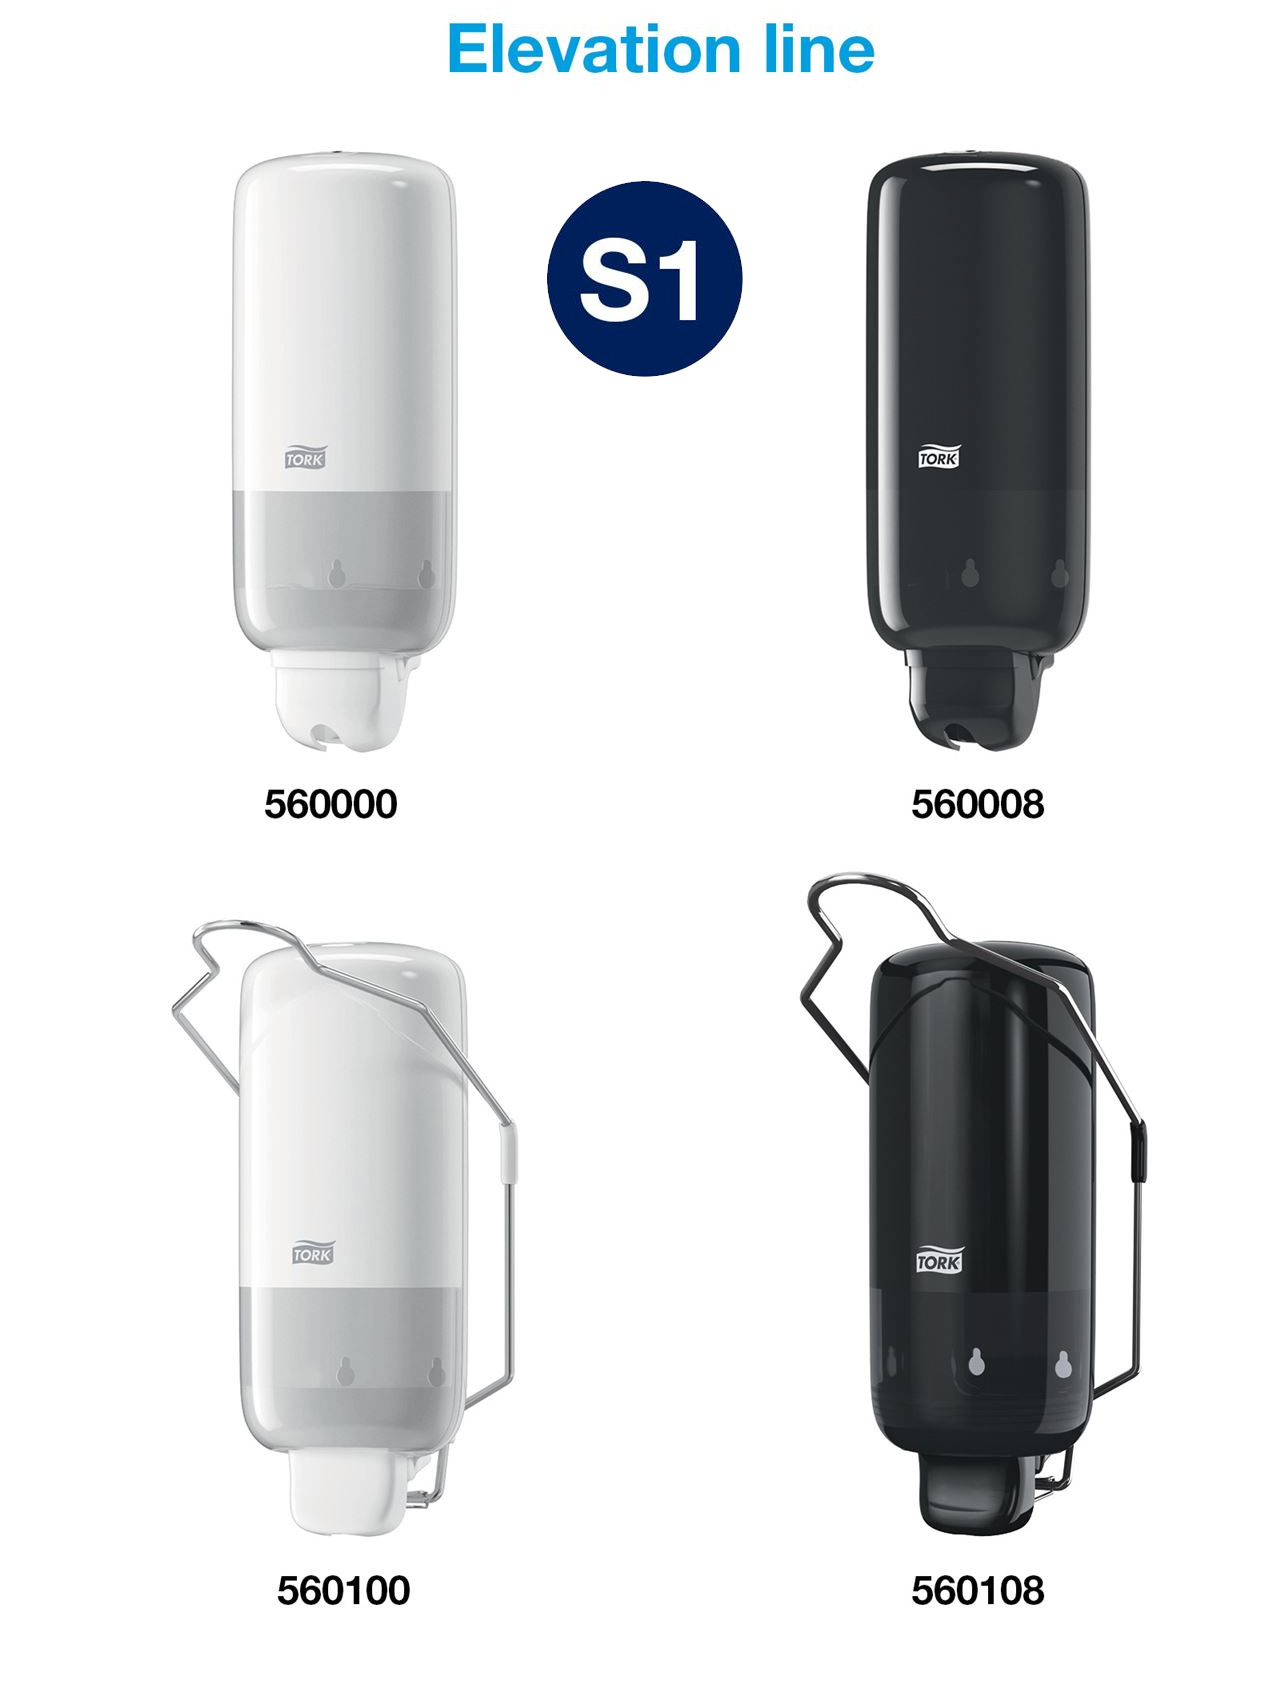 Диспенсер для жидкого мыла с локтевым приводом Elevation, пластик , (S1), бел. Tork - фото 6